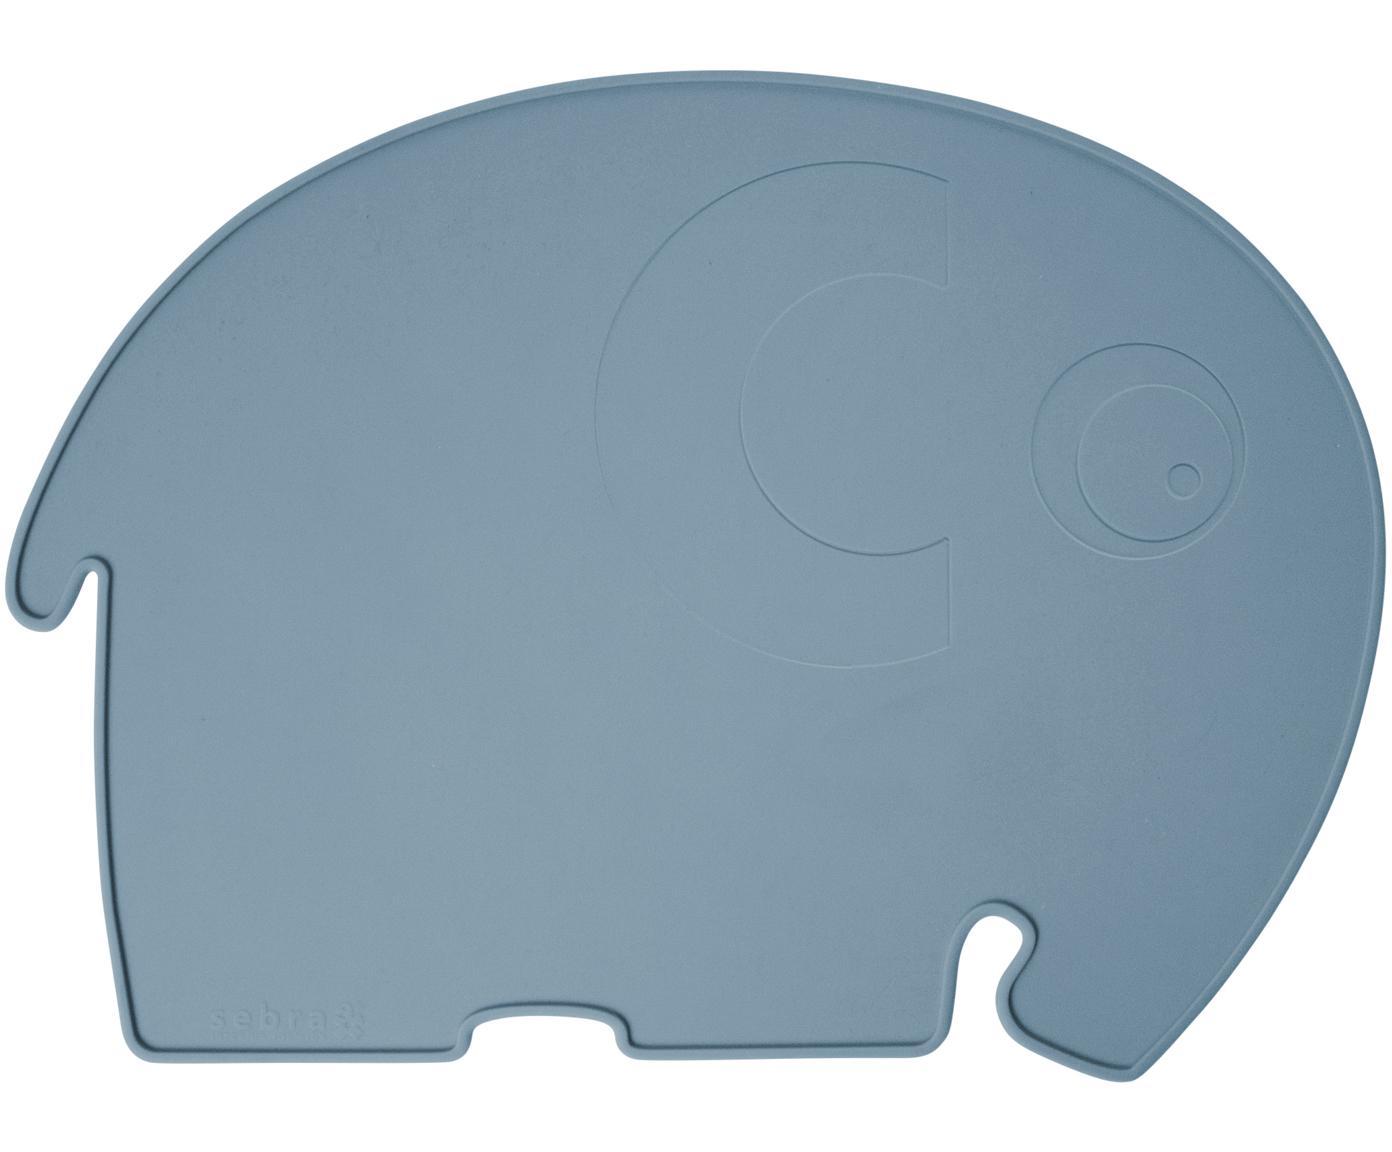 Silikon-Tischset Fanto, Silikon, BPA-frei, Blau, 43 x 33 cm